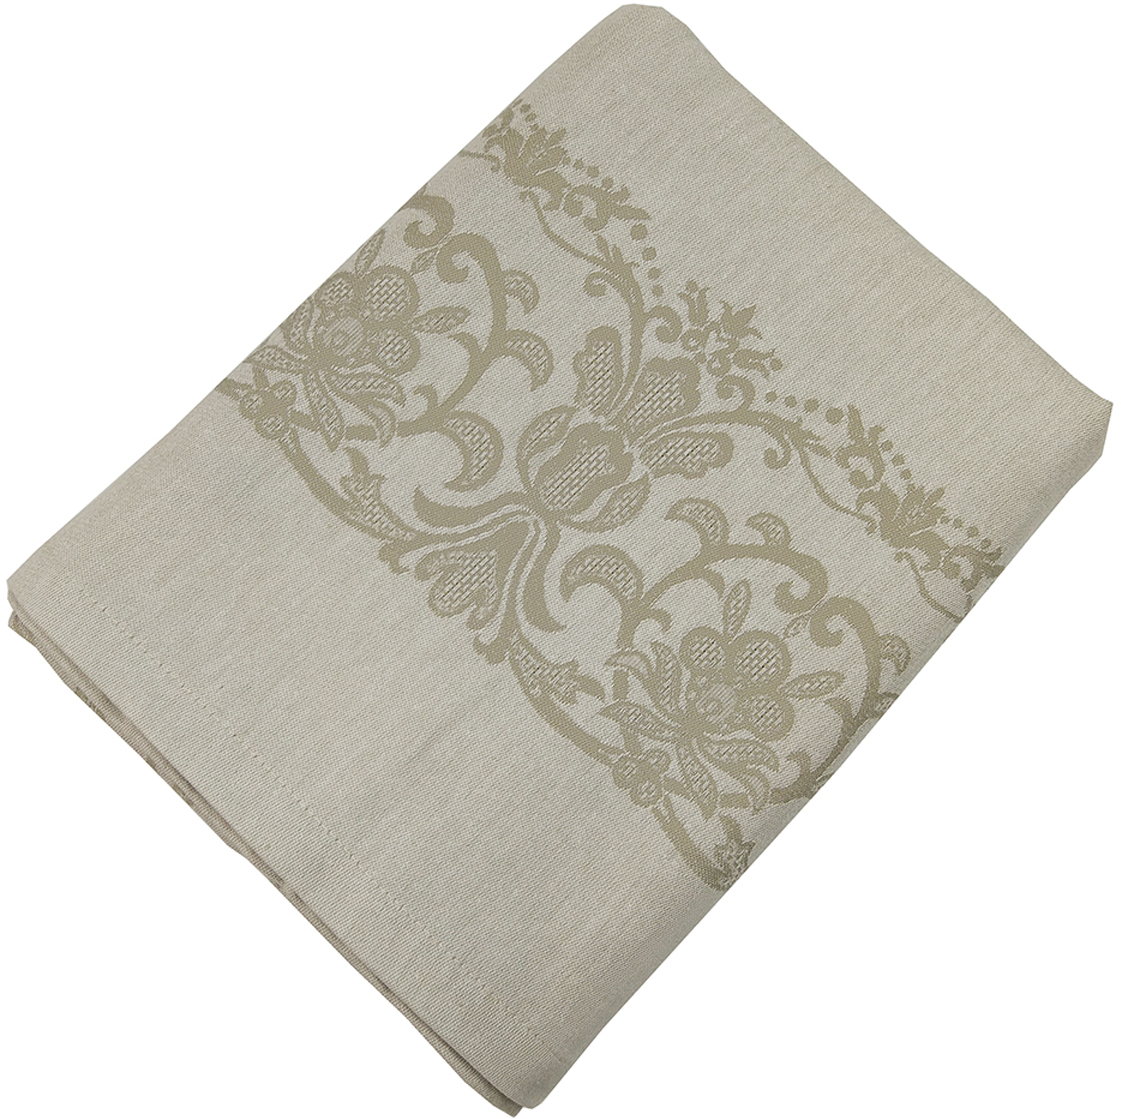 """Прямоугольная скатерть Arloni """"Viola"""" изготовлена из натуральной плотной испанской ткани (100% хлопок). Высокие экологические свойства ткани позволяют использовать изделие не только в качестве декоративного оформления, но и для сервировки обеденного стола. Скатерть хорошо сочетается с другими элементами кухонного текстиля и имеет универсальный размер. Красиво смотрится как на круглом, овальном, так и на прямоугольном столе."""